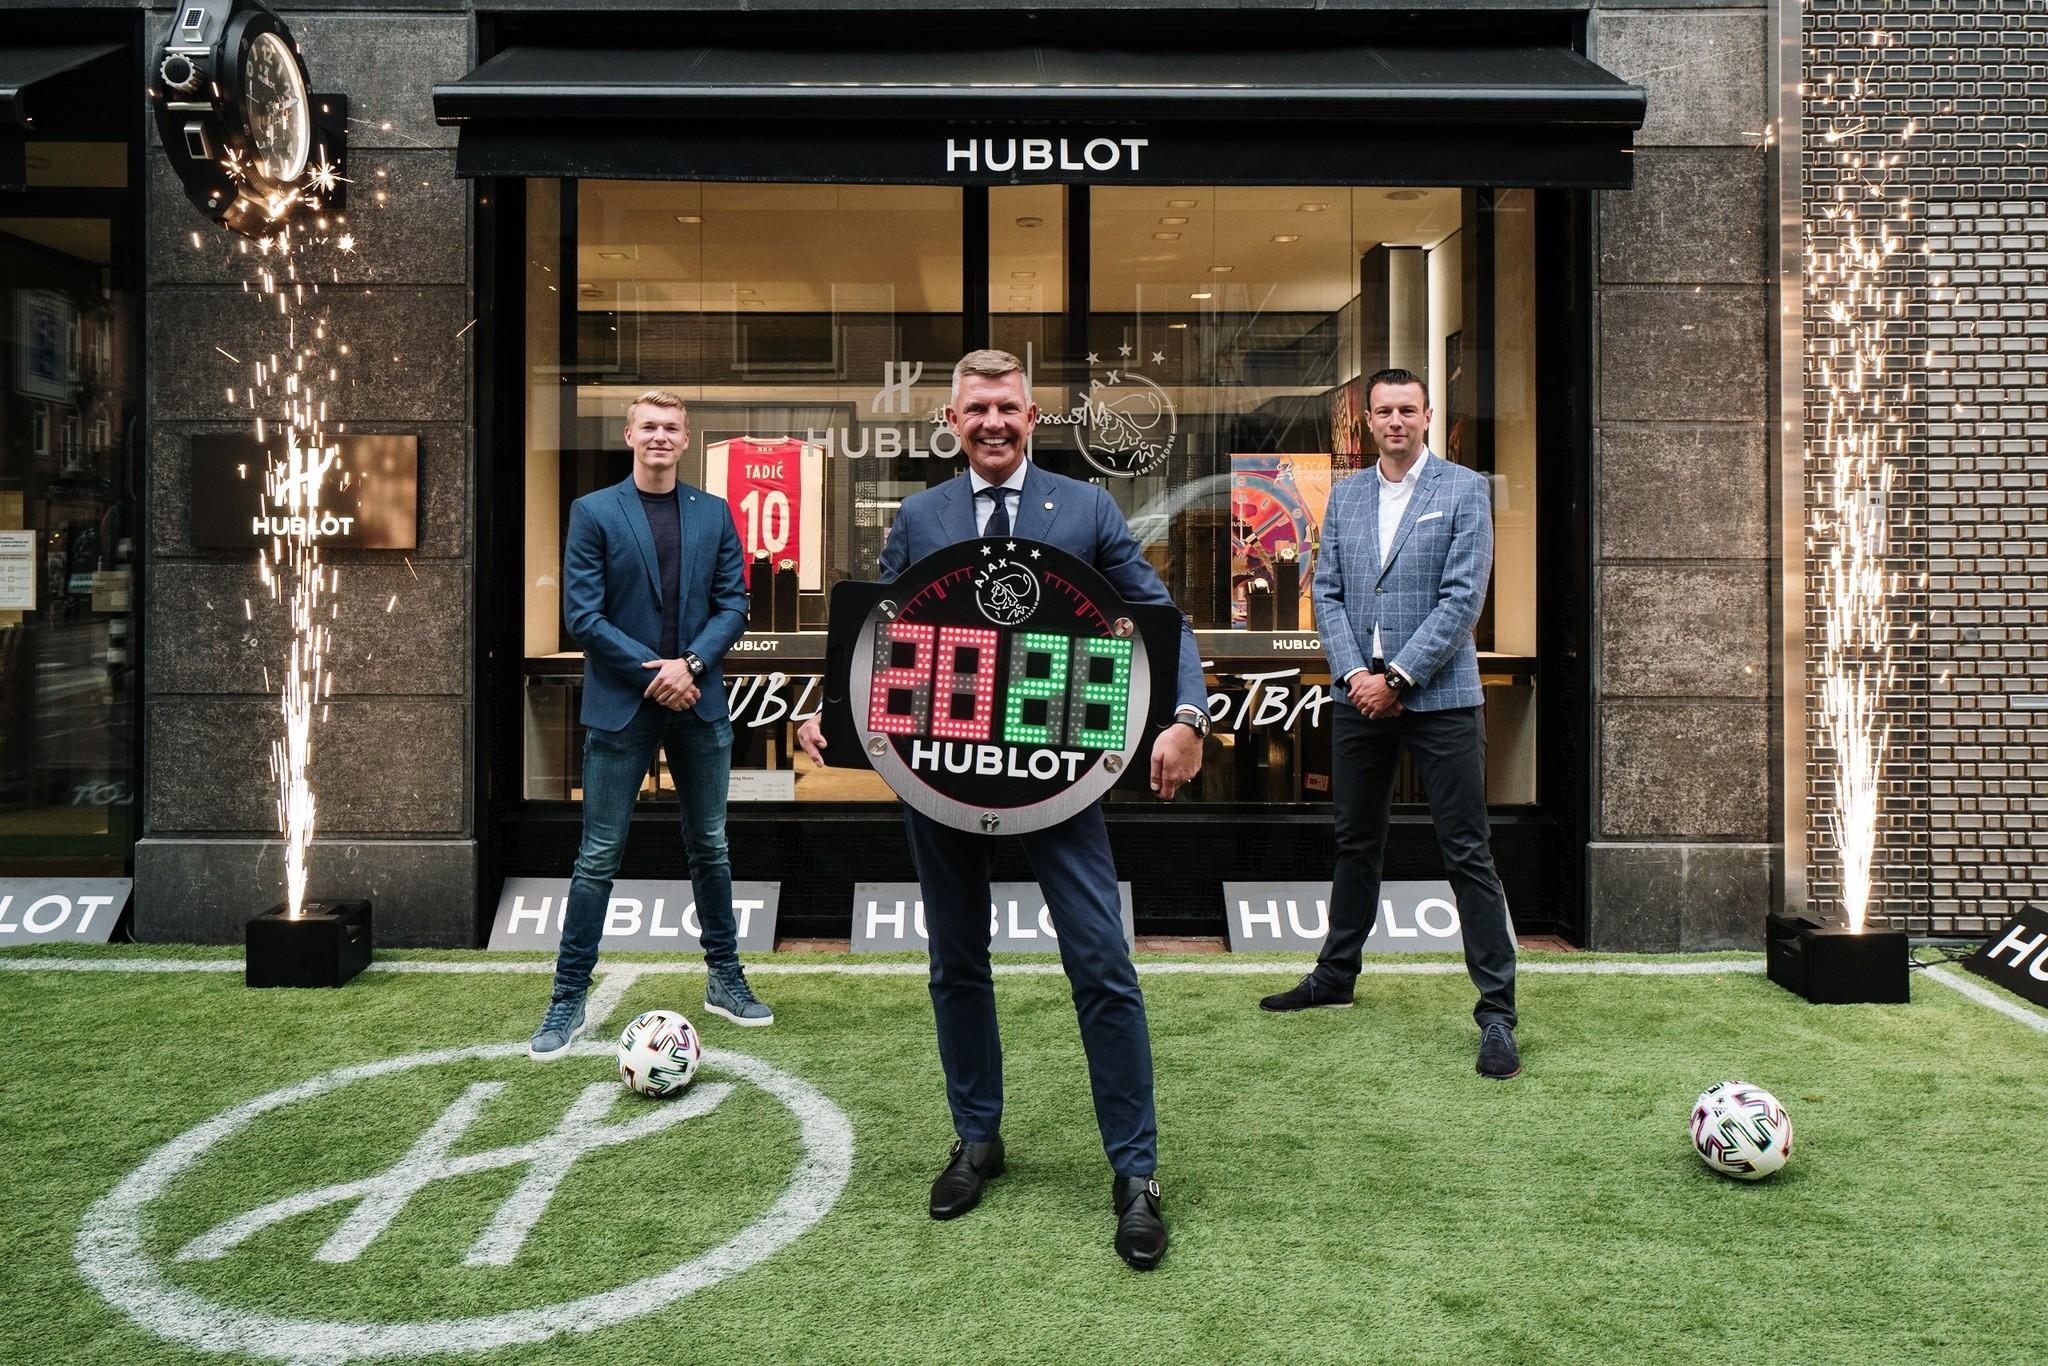 Hublot Boutique Schaap en Citroen Ajax Official Timekeeper